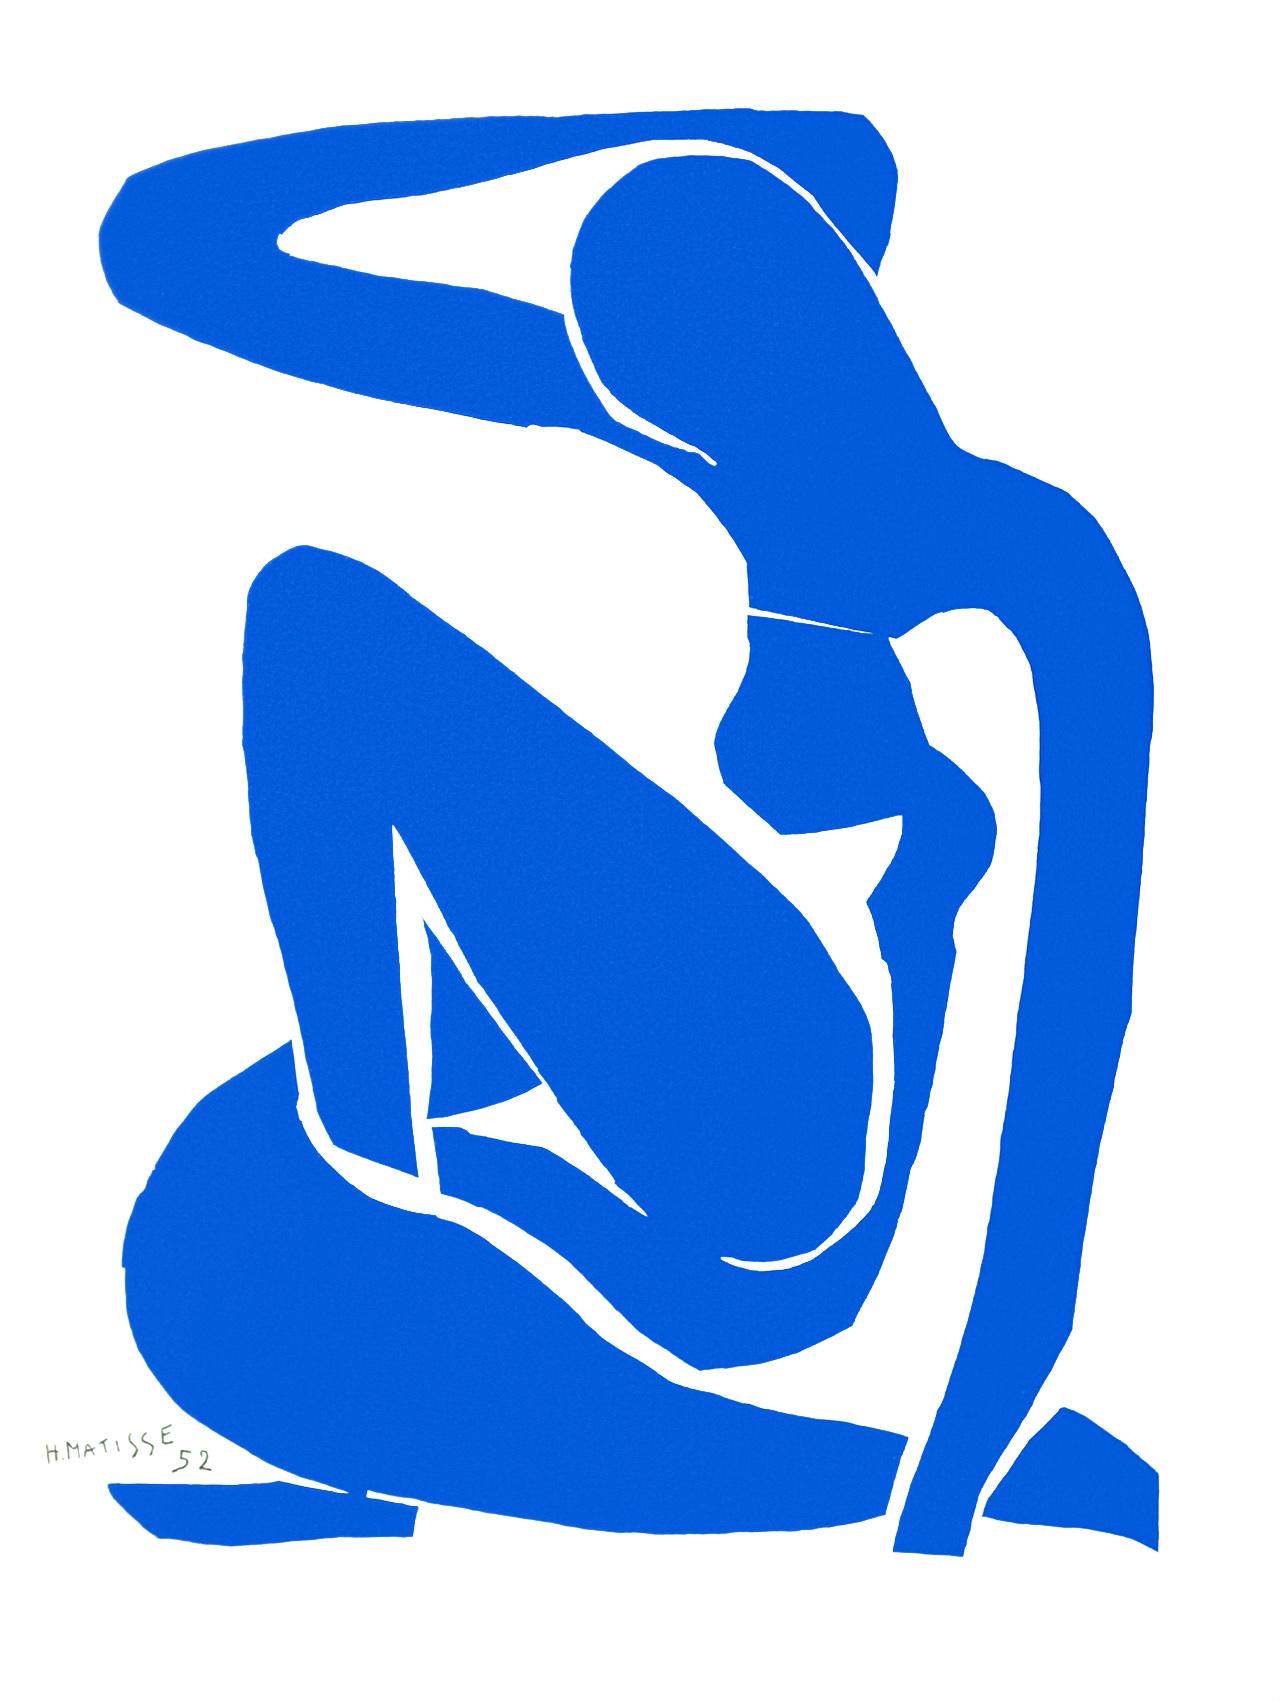 MATISSE - Nu Bleu 1 (1952)